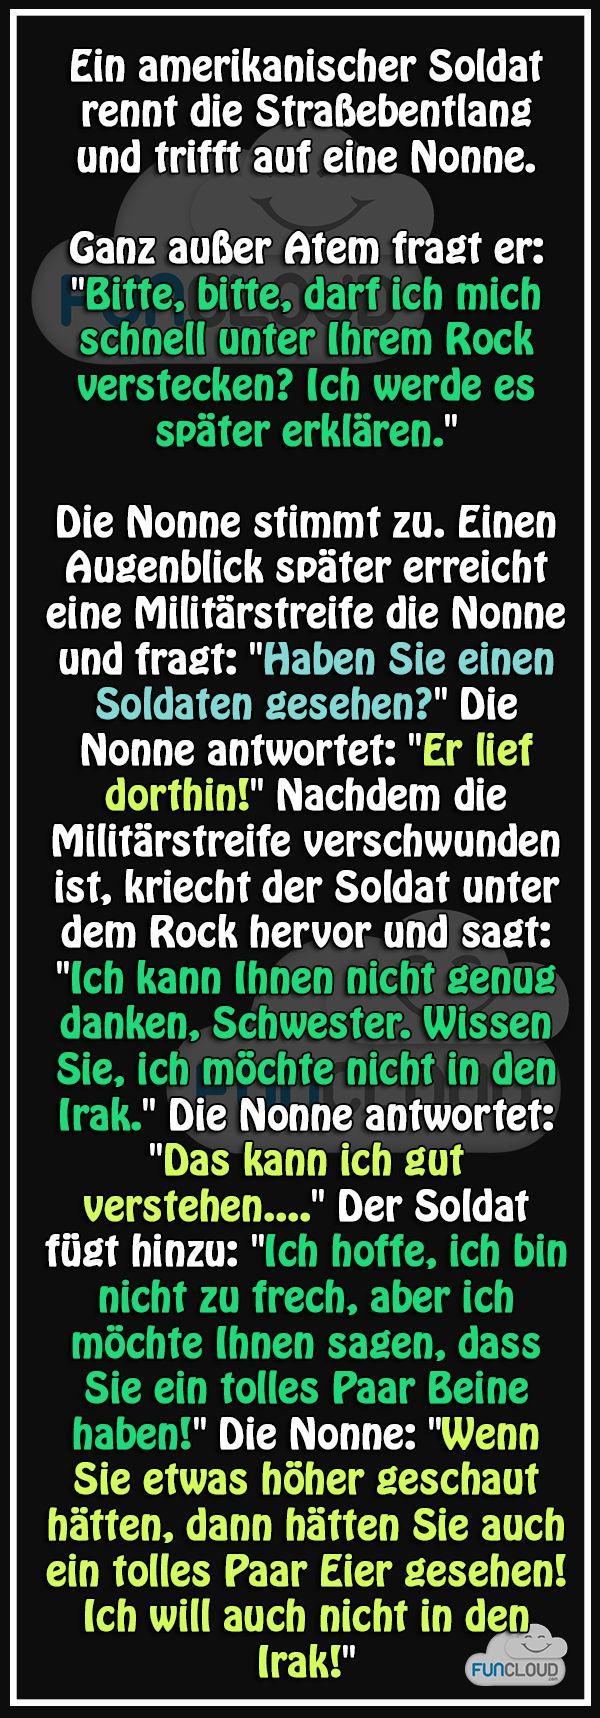 Nicht in den Irak